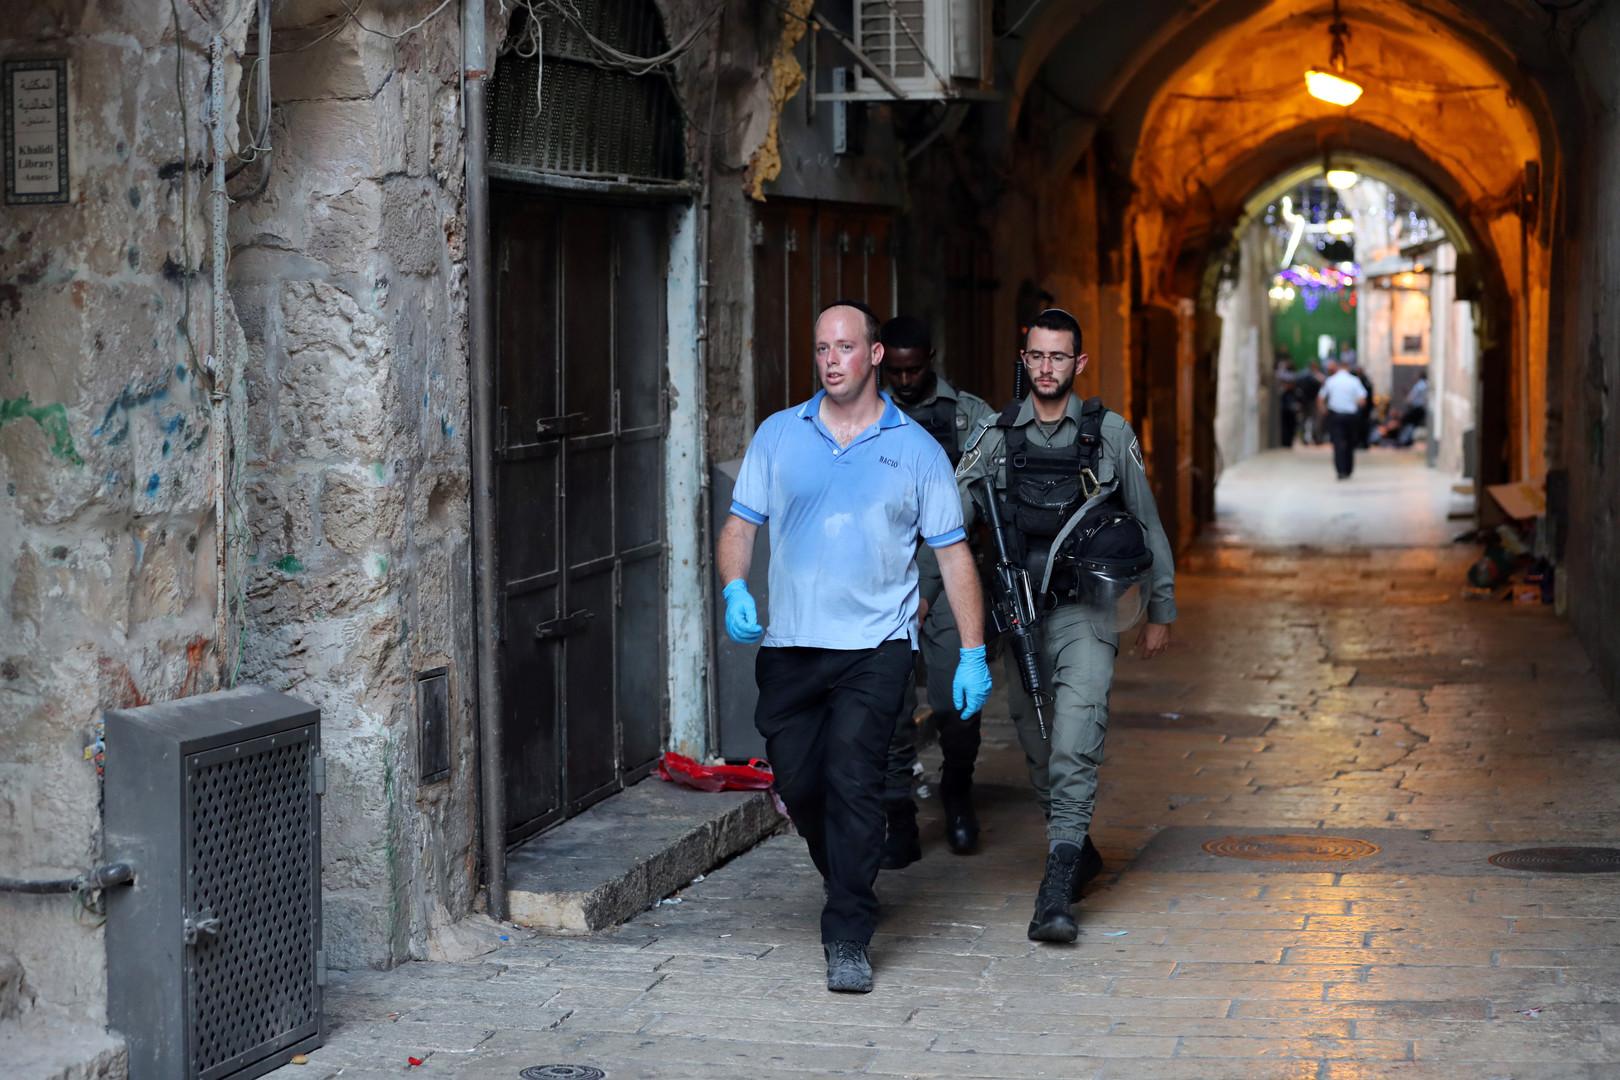 مقتل فلسطينيين اثنين برصاص الجيش الإسرائيلي عند أحدأبواب الأقصى في القدس